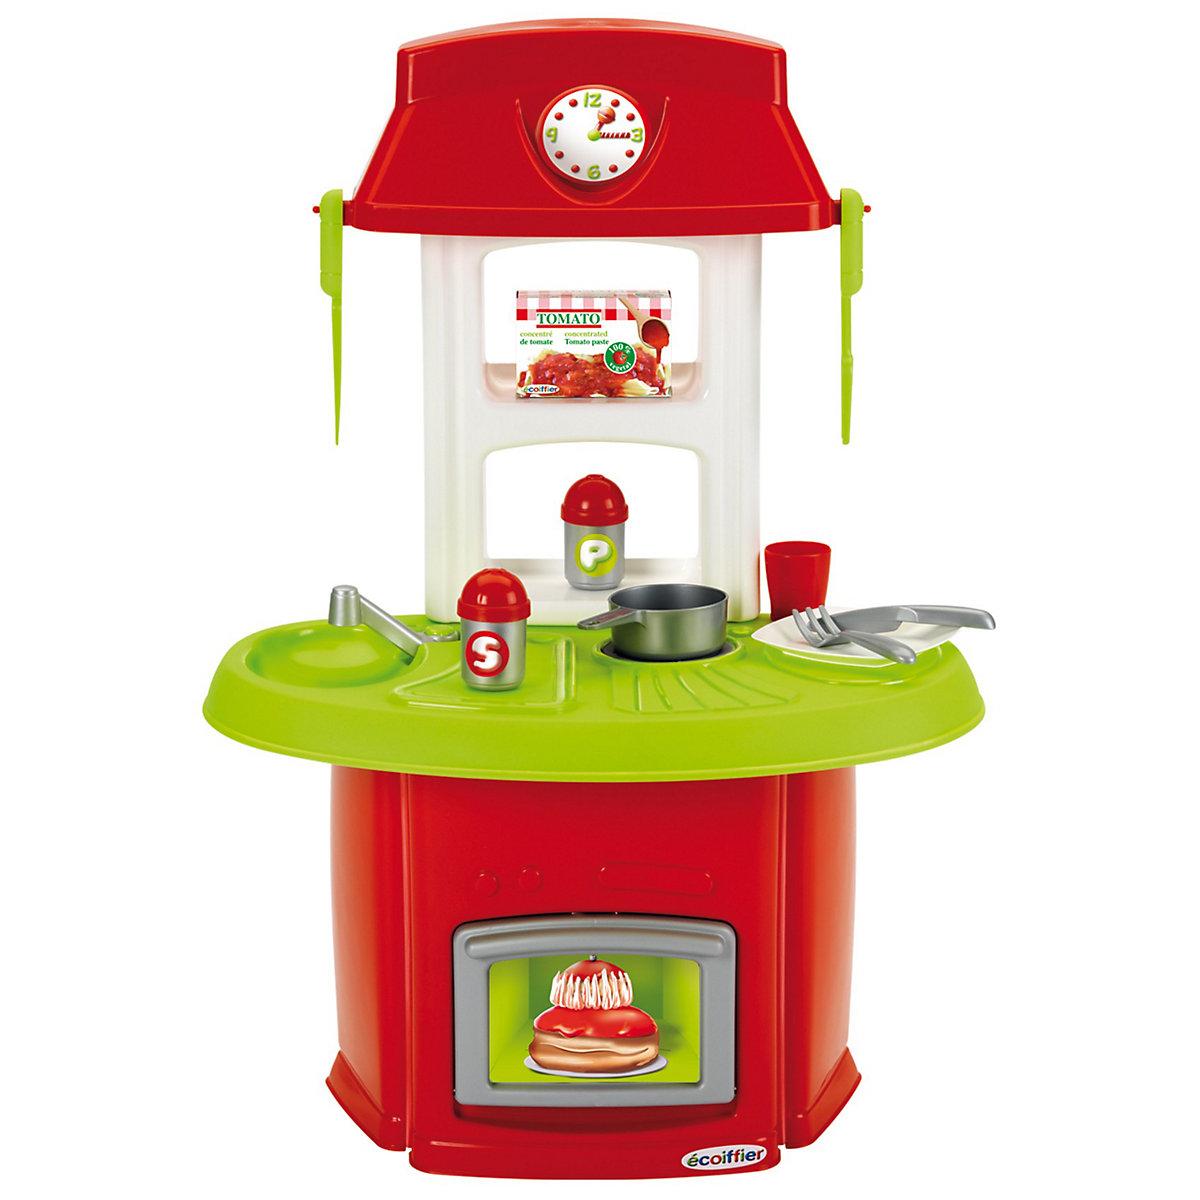 Bild zu Ecoiffier Spielküche Mini Chef Koch für 11,94€ (Vergleich: 16,99€)